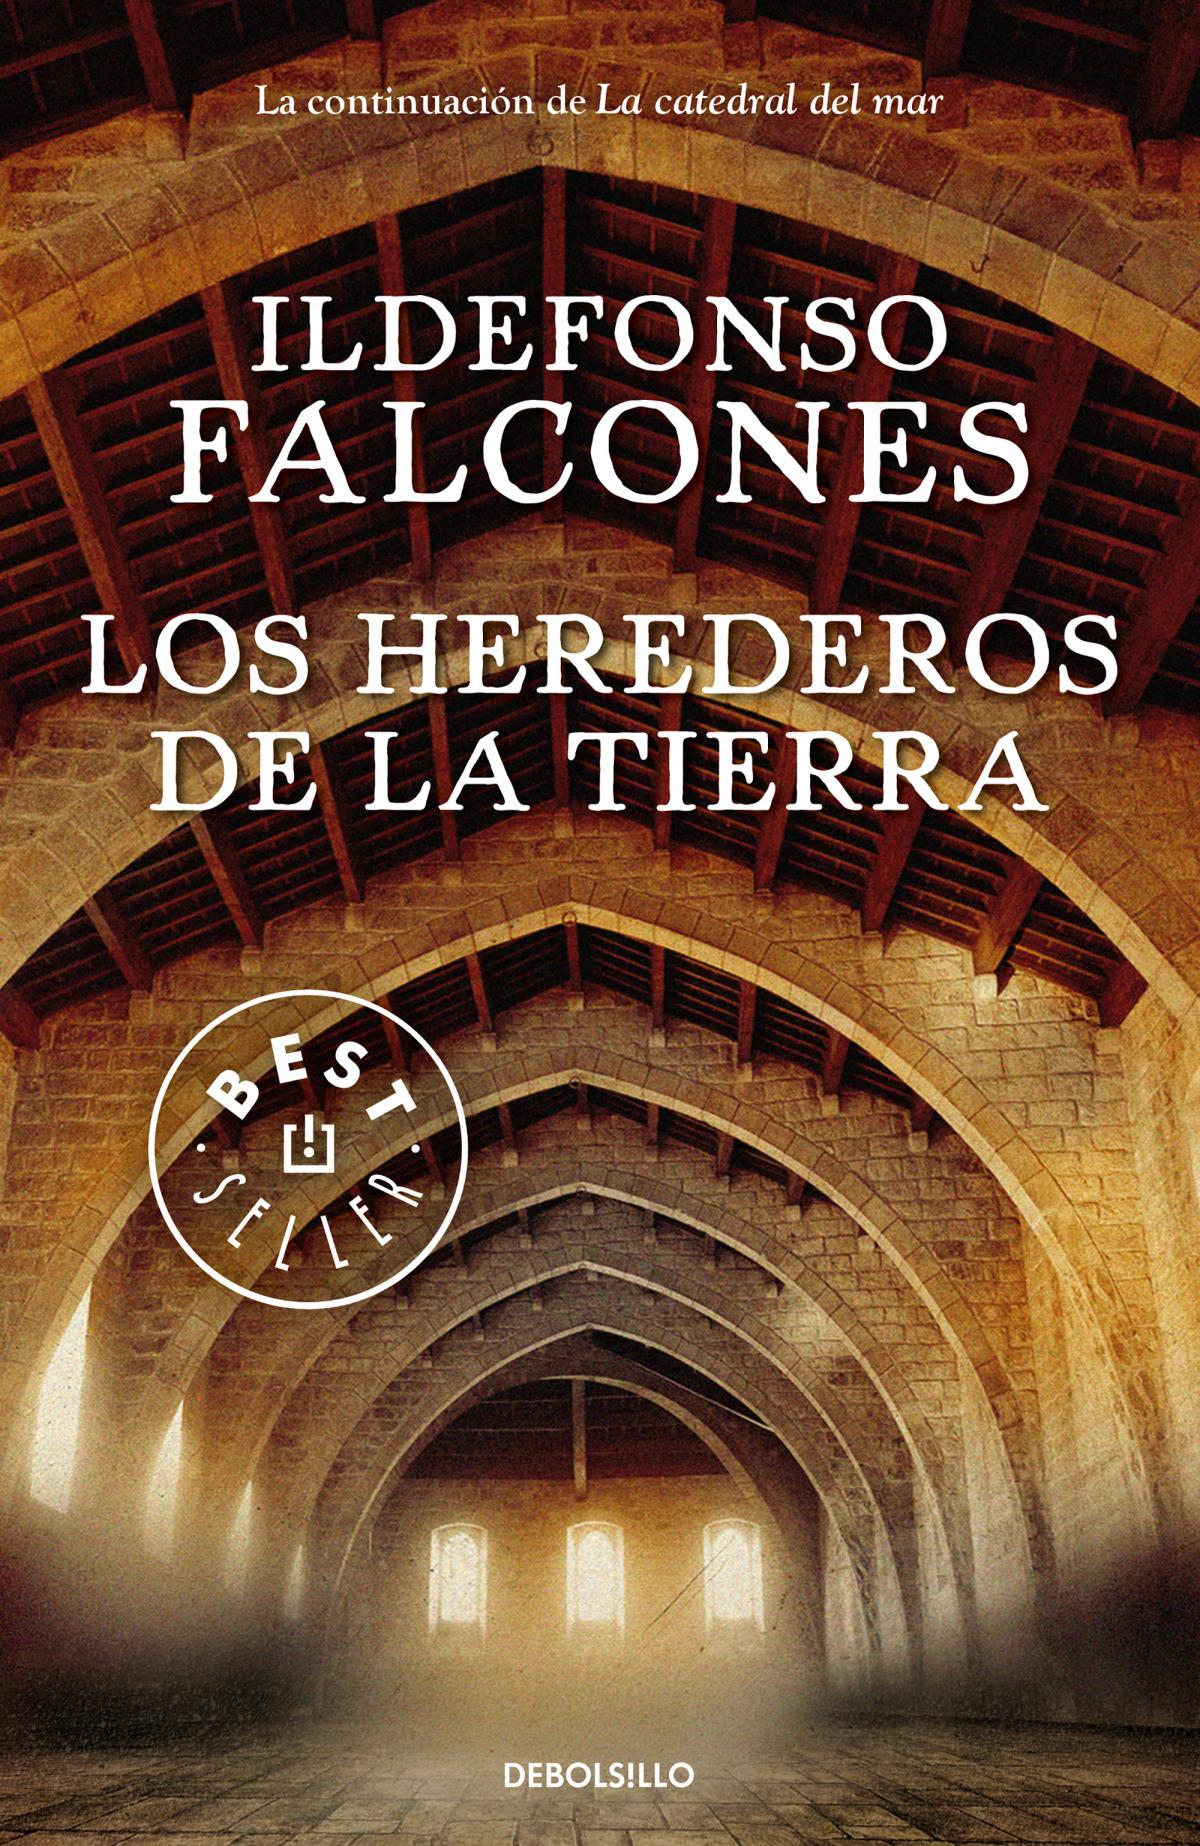 LOS HEREDEROS DE LA TIERRA 9788466343763